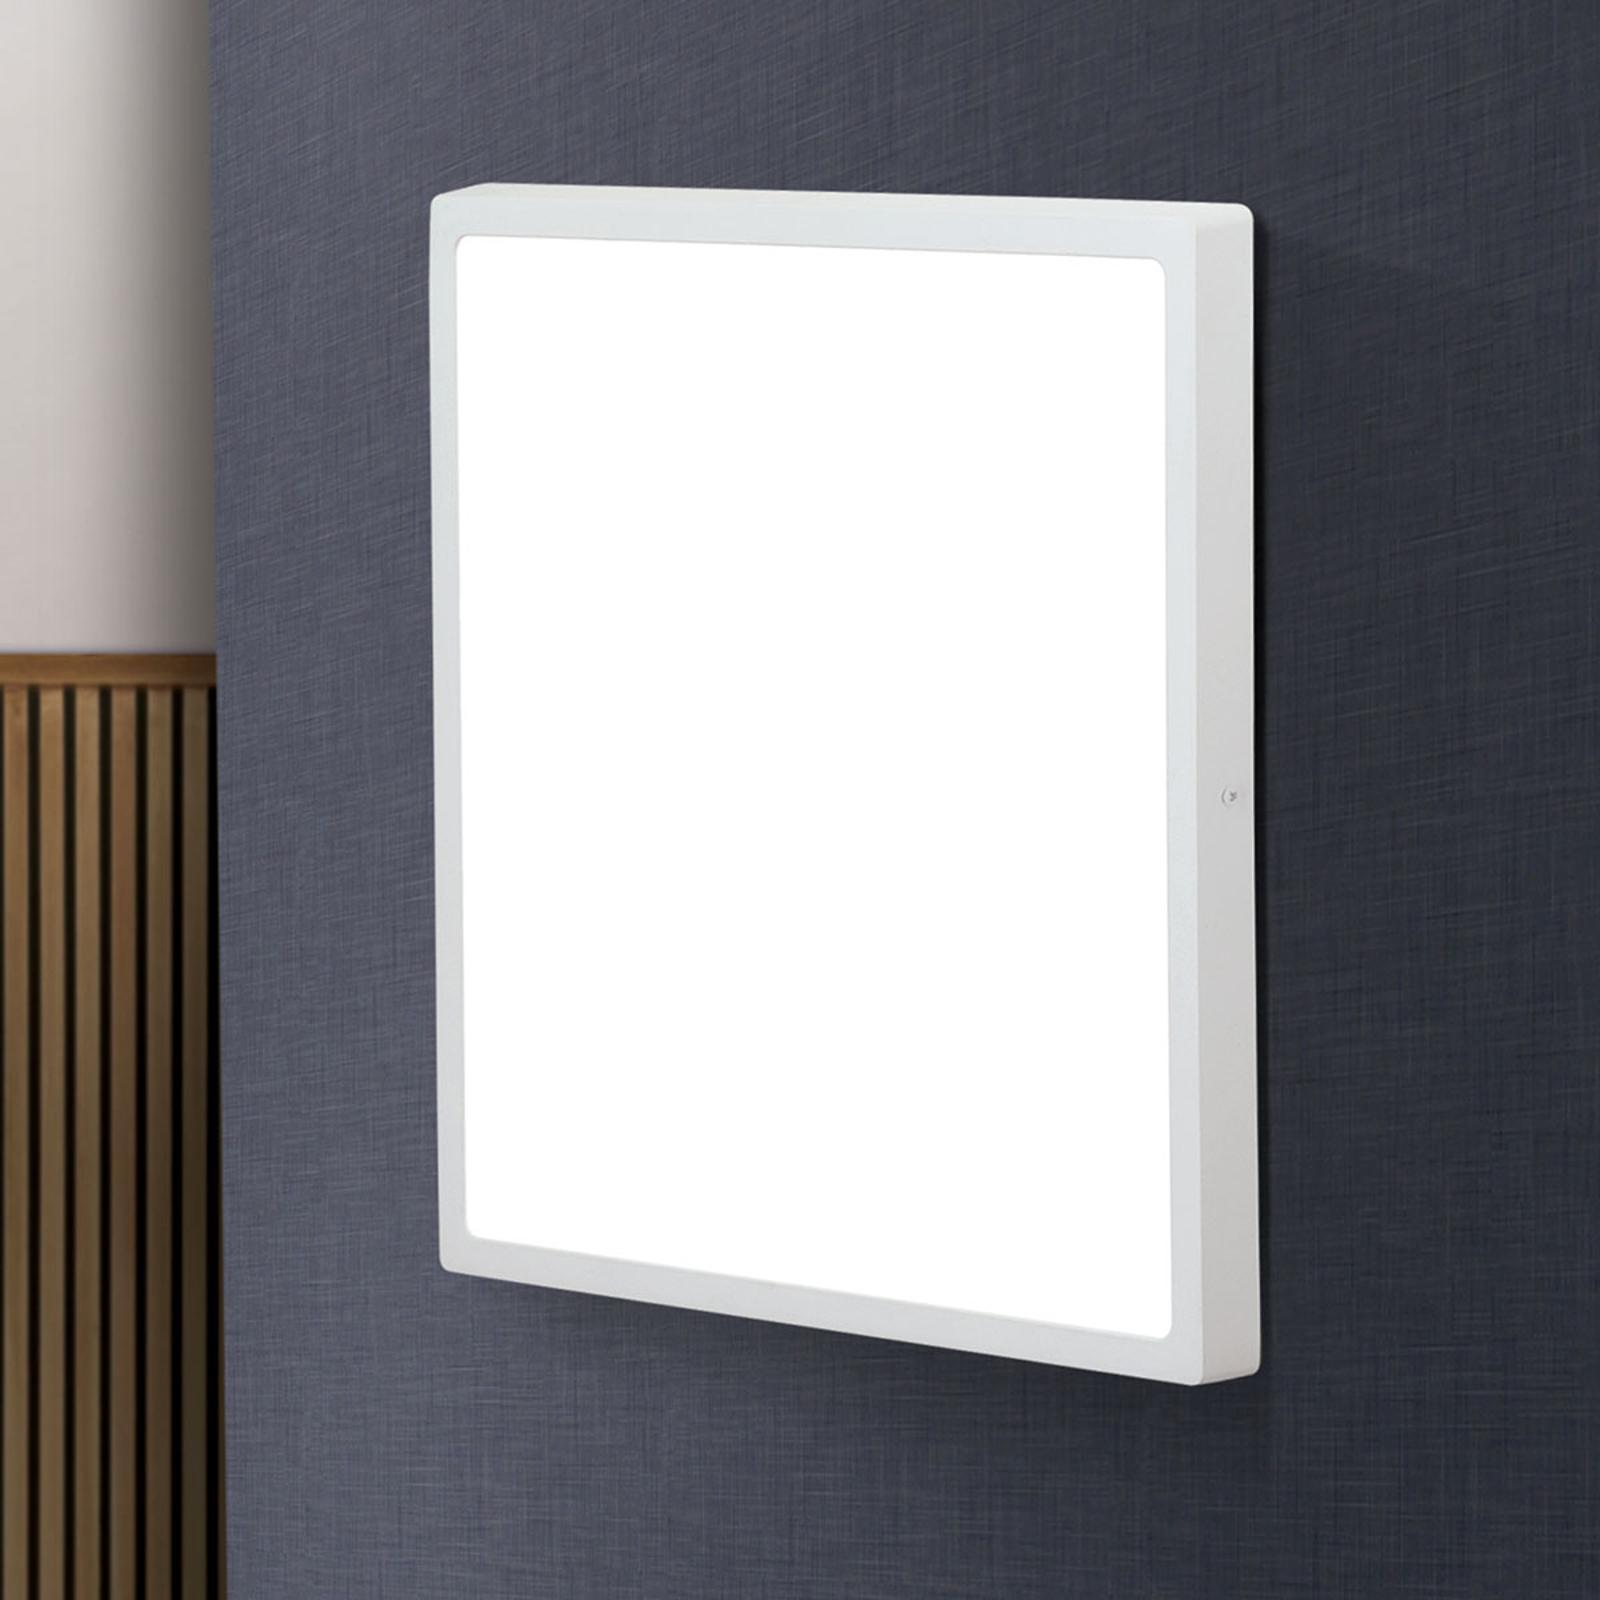 Prostokątna lampa sufitowa LED Lero 40 x 40 cm